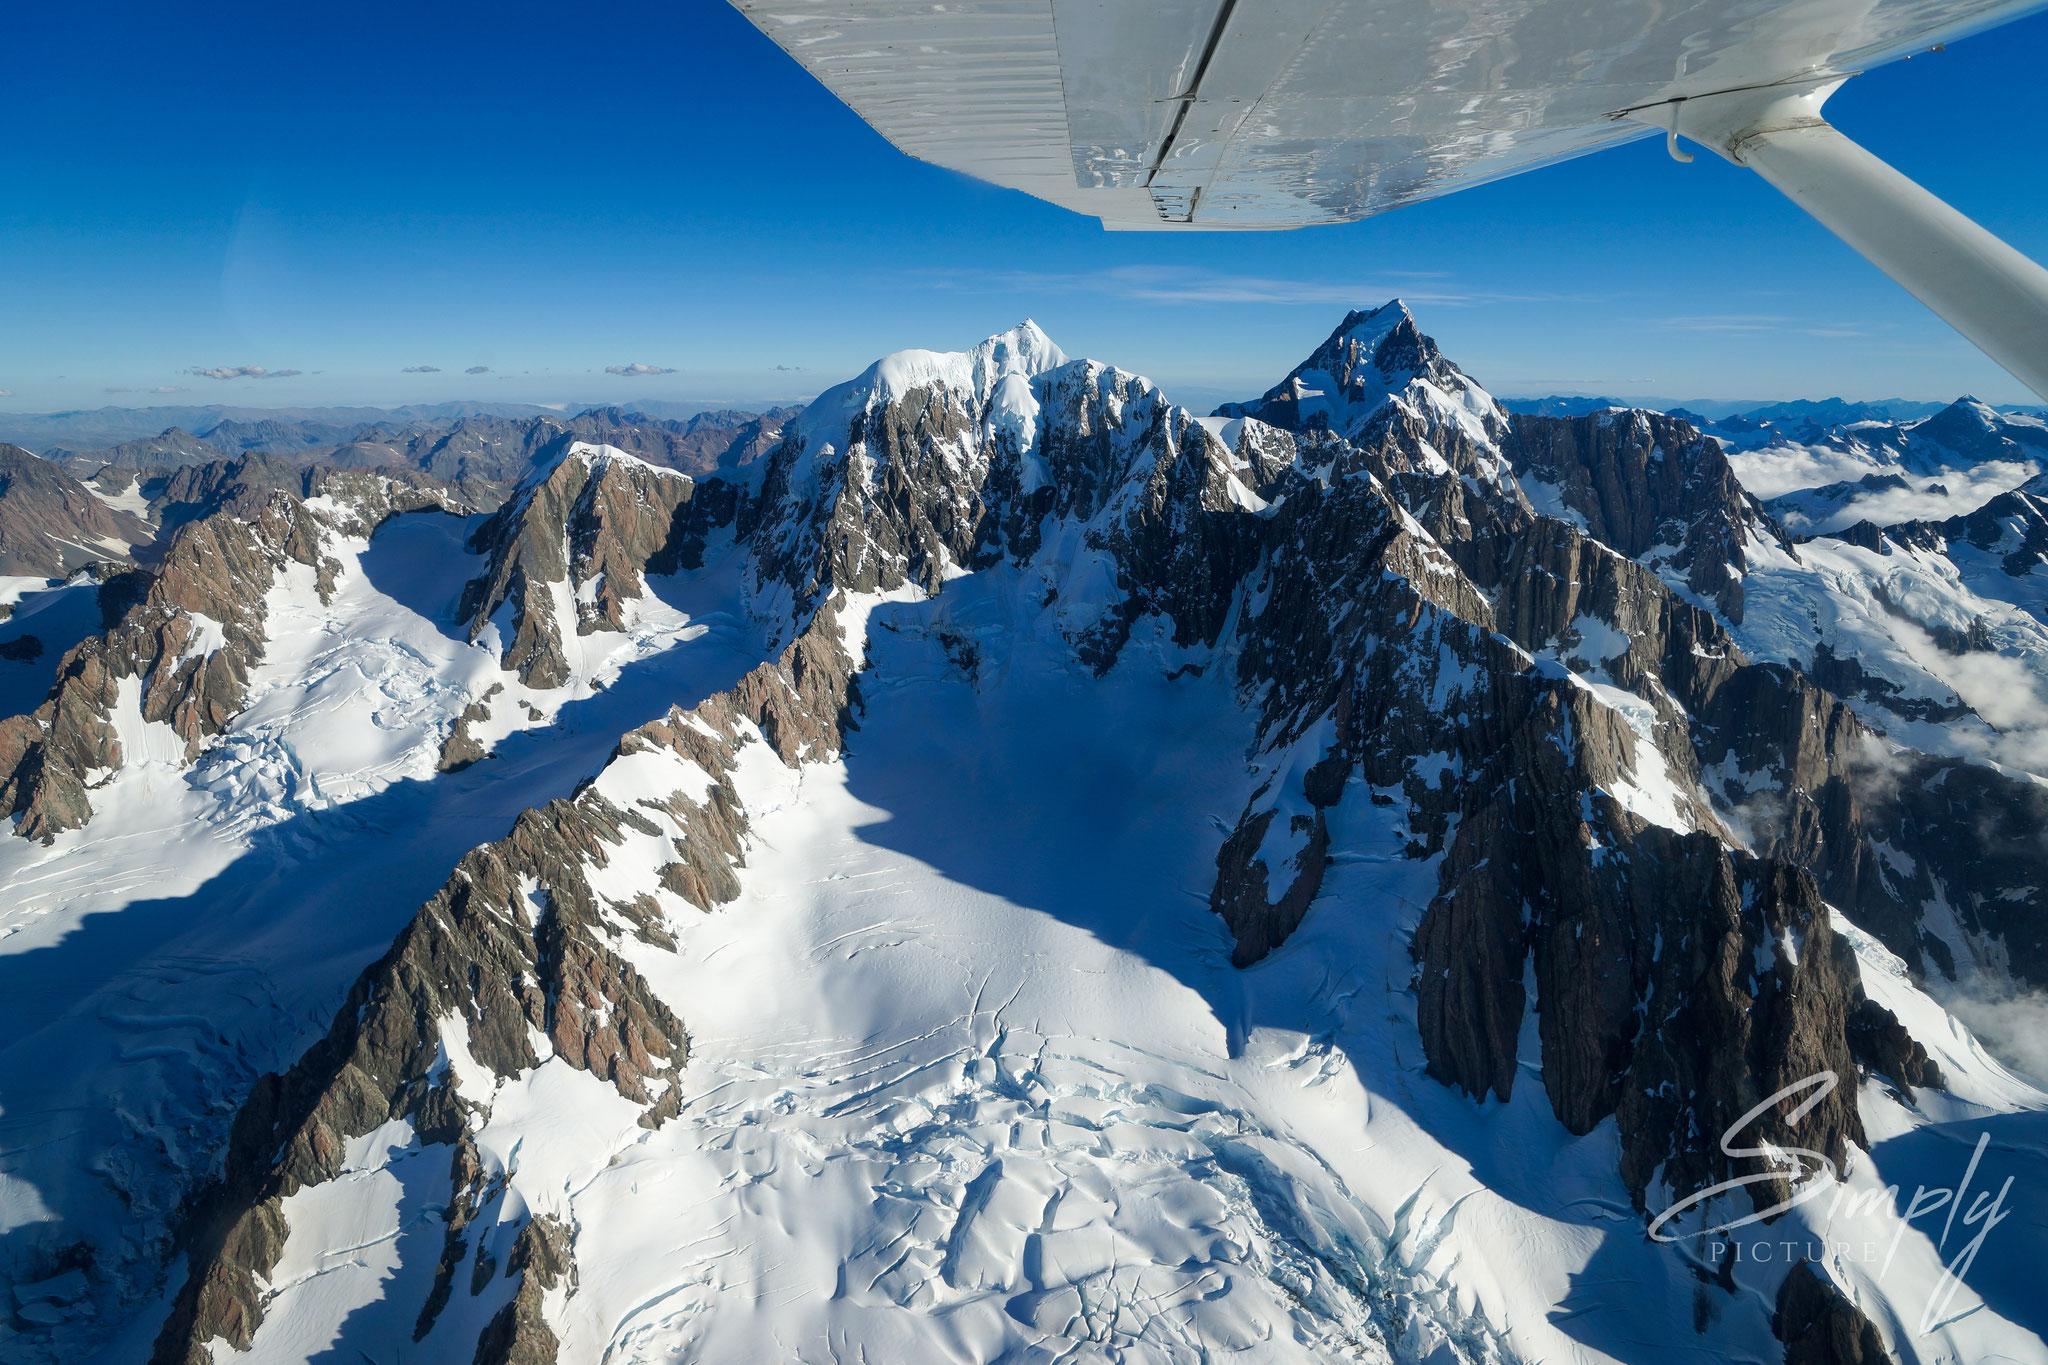 Flug über die südlichen Alpen, weisser Flügel des Flugzeugs und Blick auf den Mount Cock mit Schnee und Eis